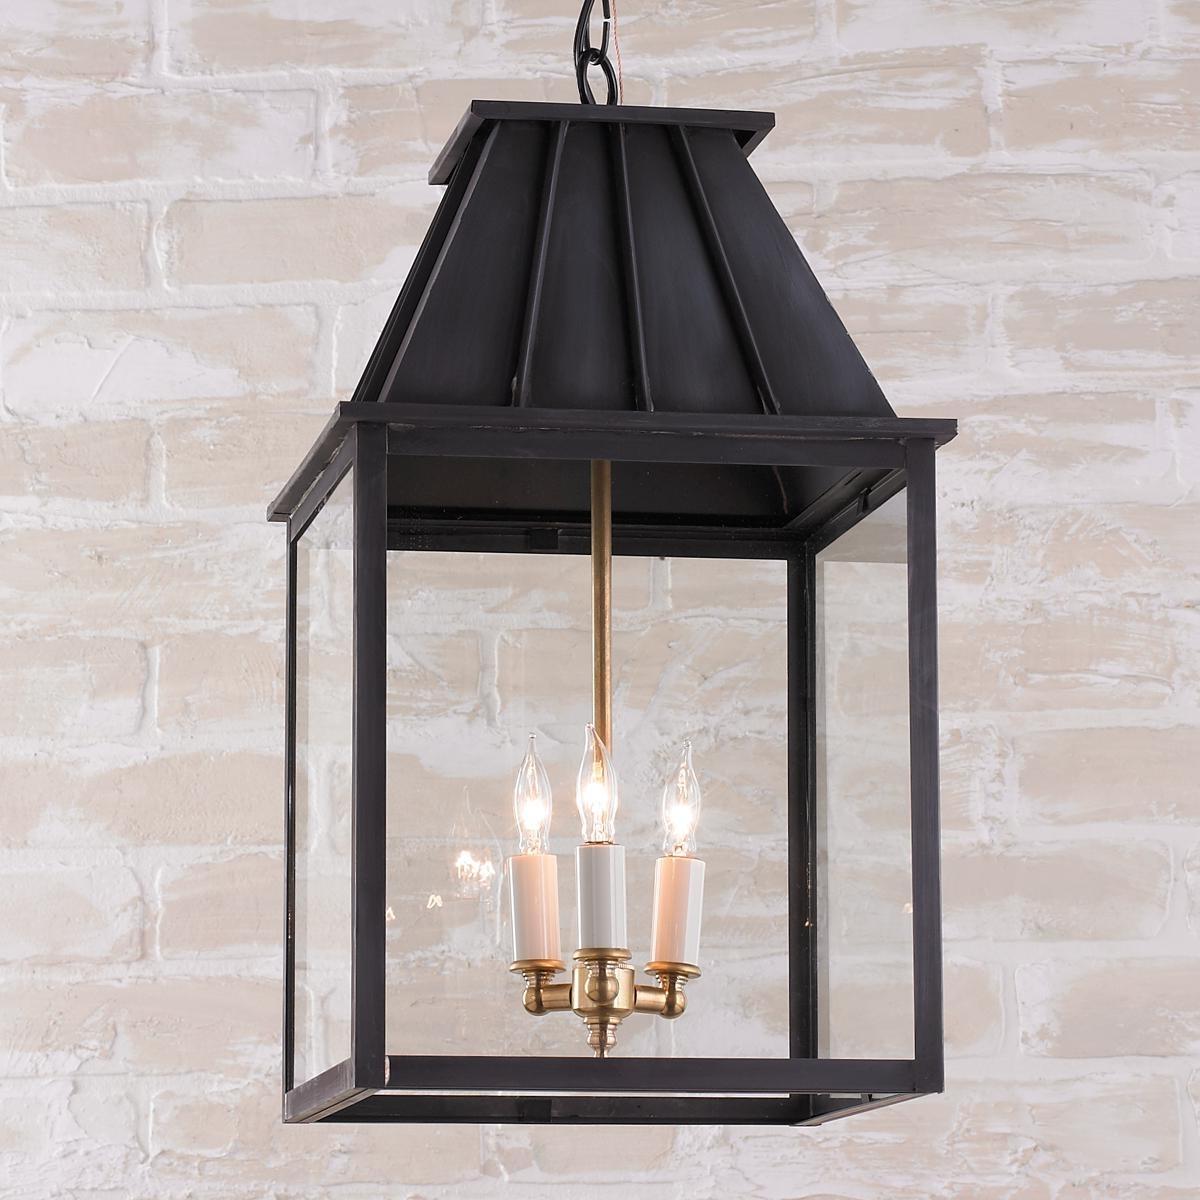 Most Popular Diy : Mansard Style Outdoor Hanging Lantern Lanterns Georgian Regarding Georgian Style Outdoor Lighting (View 11 of 20)